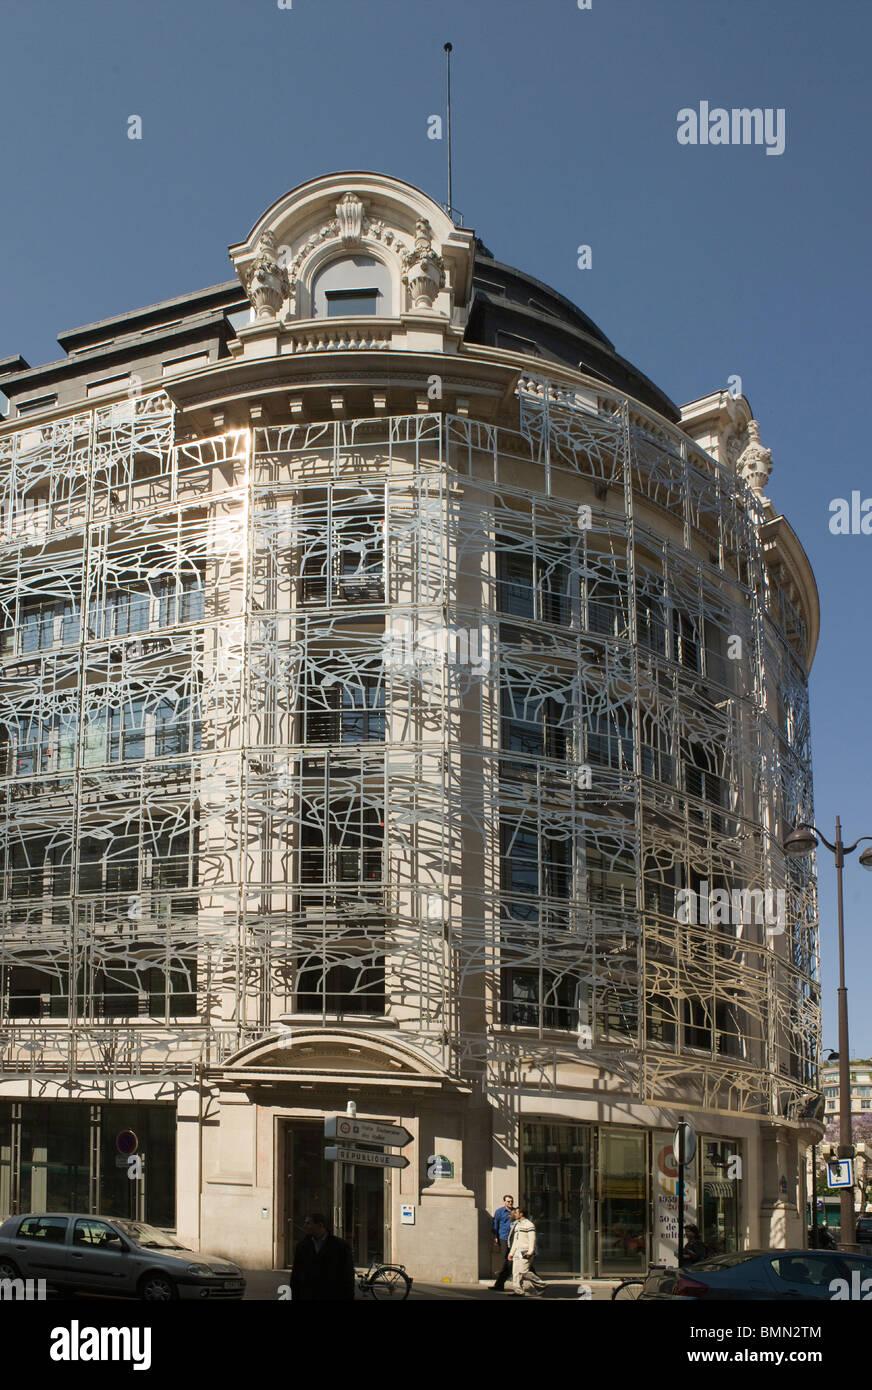 Ministerio de la Cultura en París, Francia. Edificio de piedra anterior filigrana encerrado en una red de metal Imagen De Stock